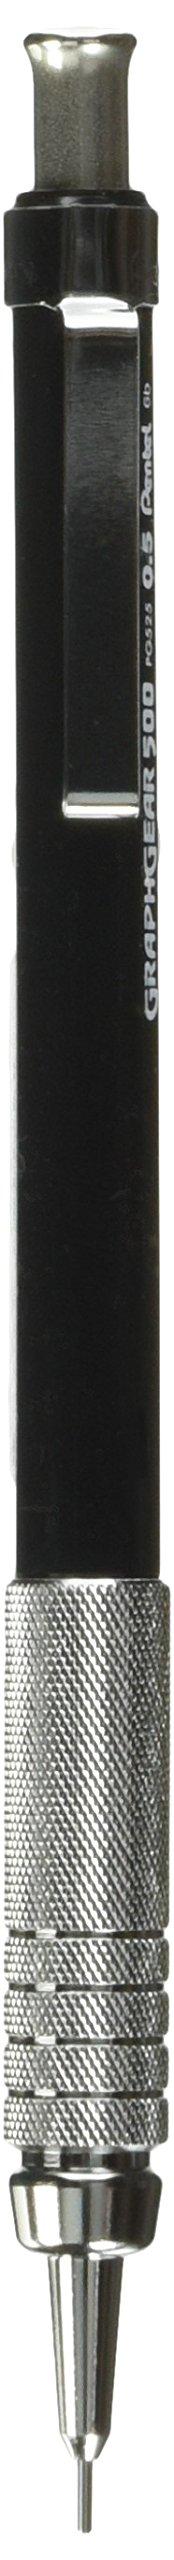 Pentel Graph engranaje automático 500redacción...